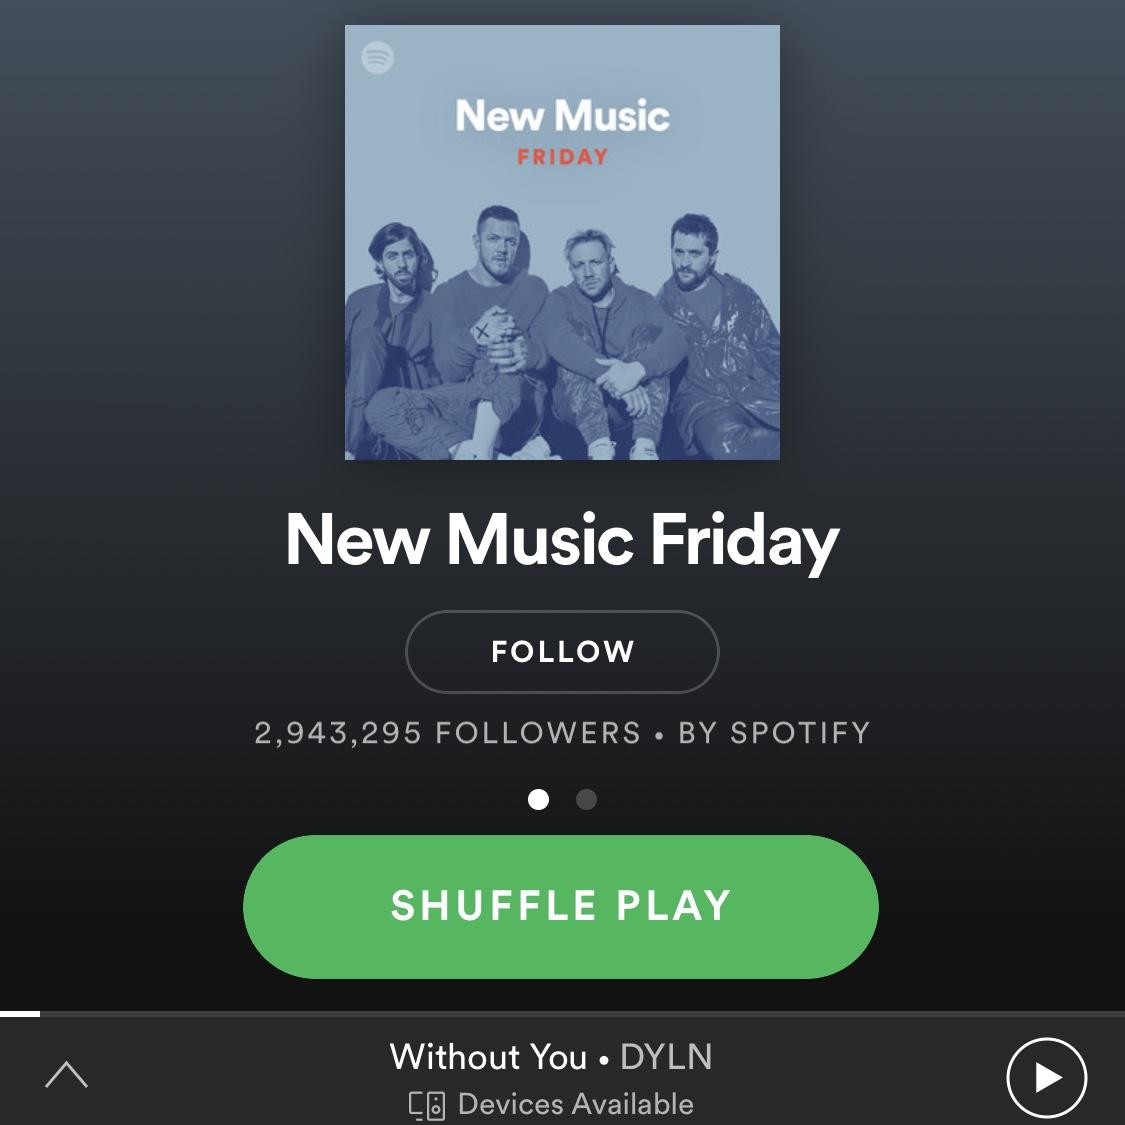 DYLN_NEWMUSICFRIDAY_NMF_Spotify_Playlist_Singer_Songwriter_Music_pop_Artist_DYLAN_DYLAN SINGER_DYLNSINGER.jpg